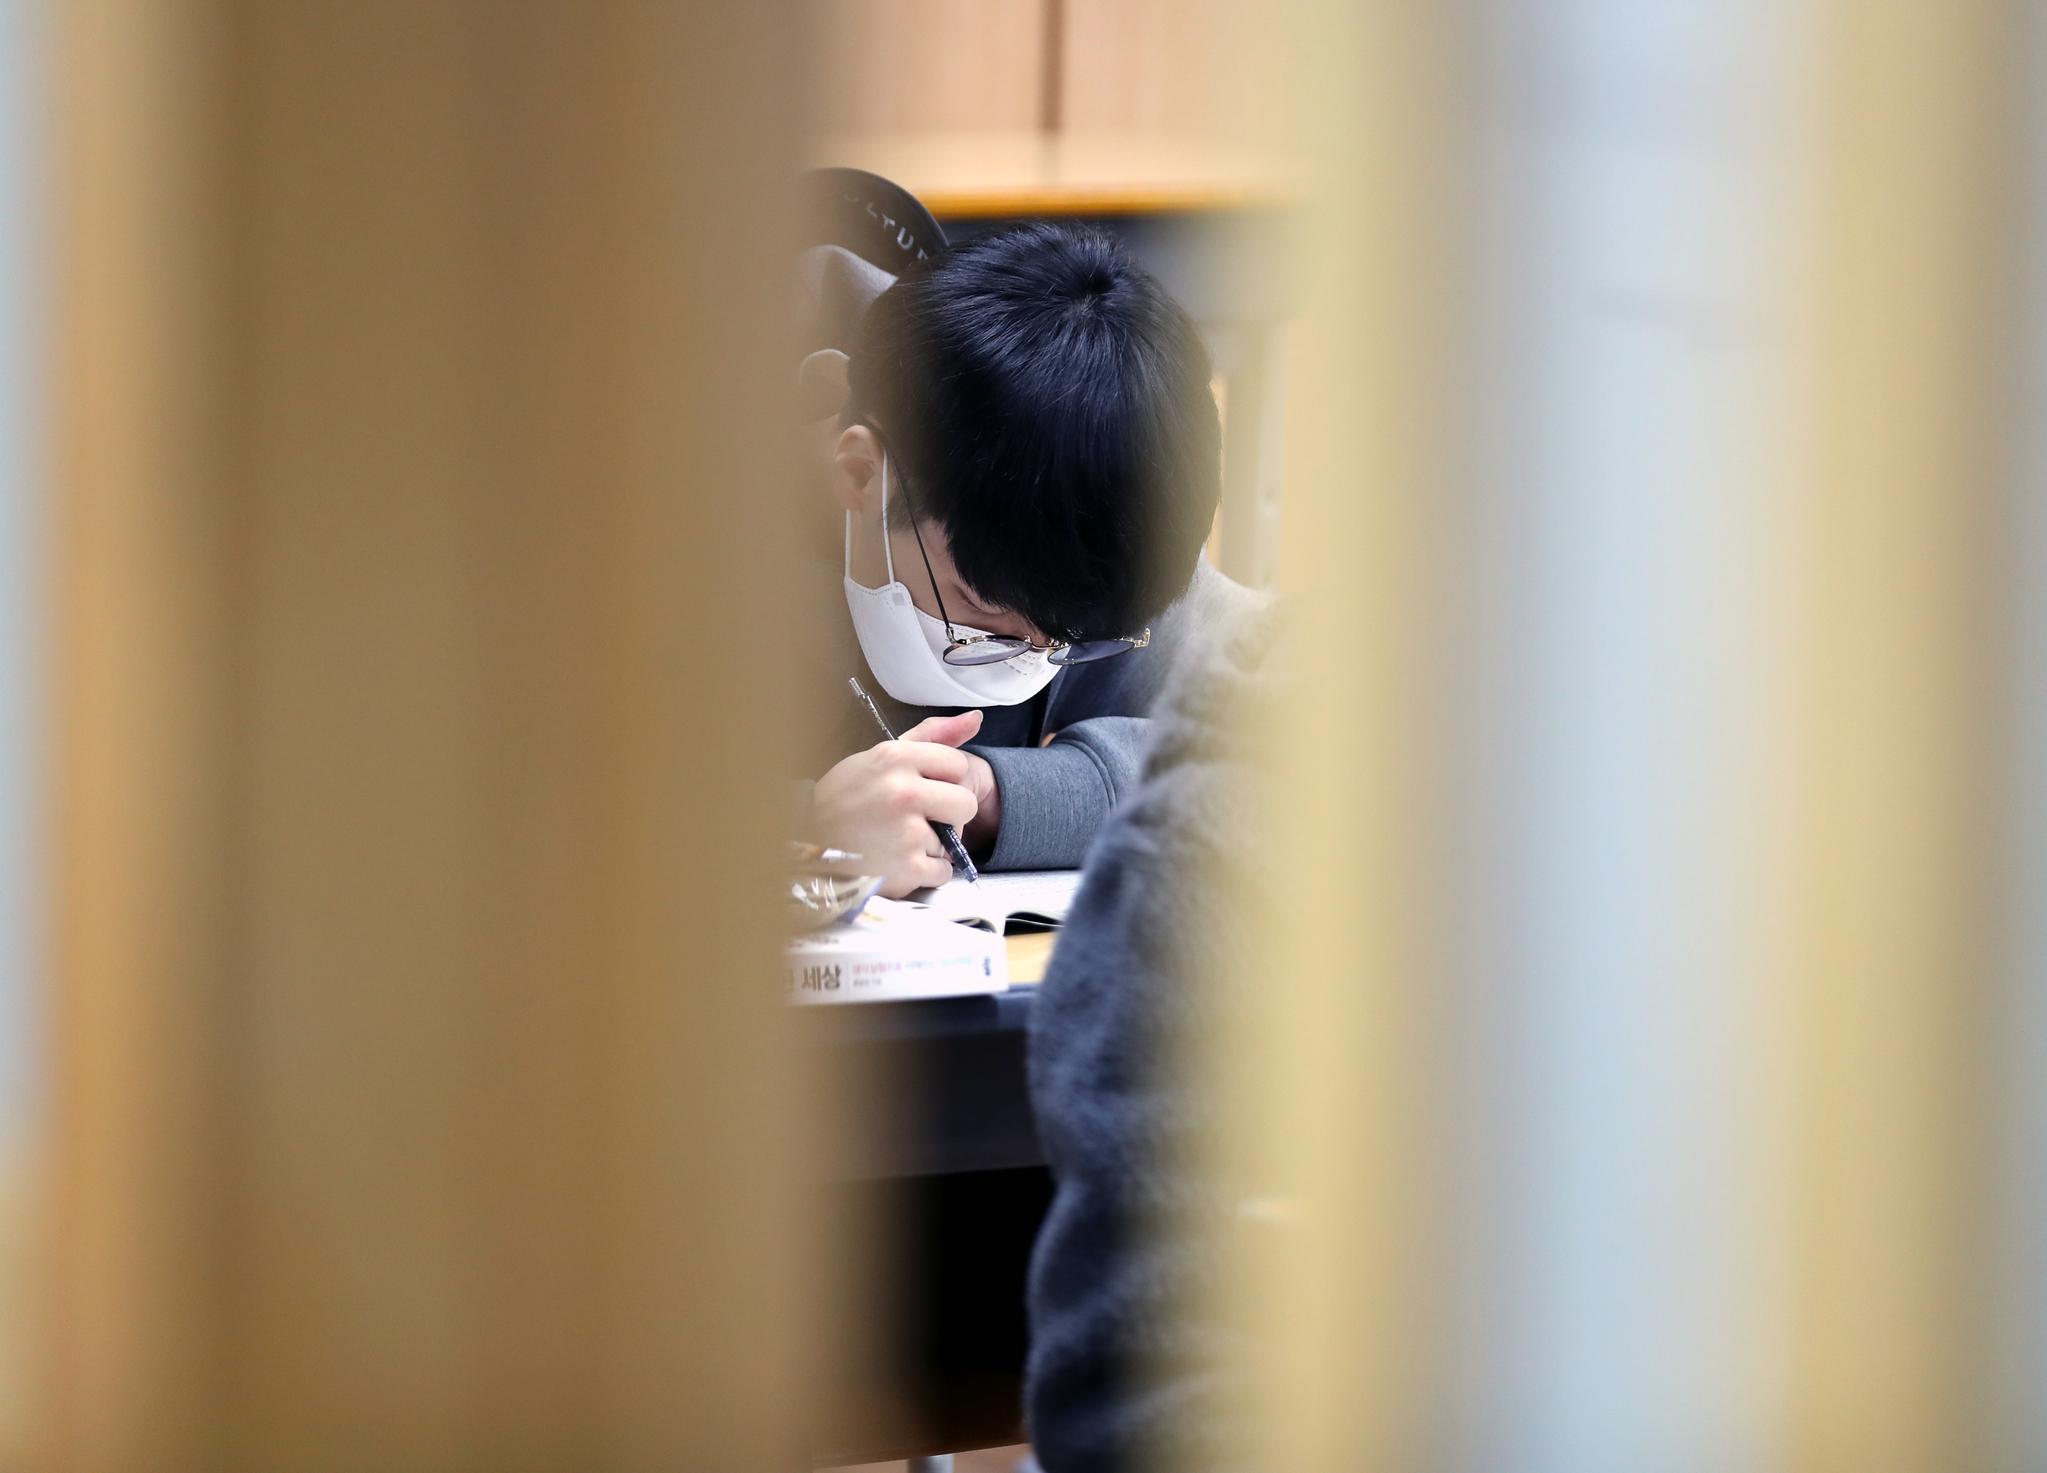 2021학년도 대학 수학능력시험을 9일 앞둔 24일 부산 한 고교에서 마스크를 쓴 고3 학생이 공부에 열중하고 있다. 연합뉴스